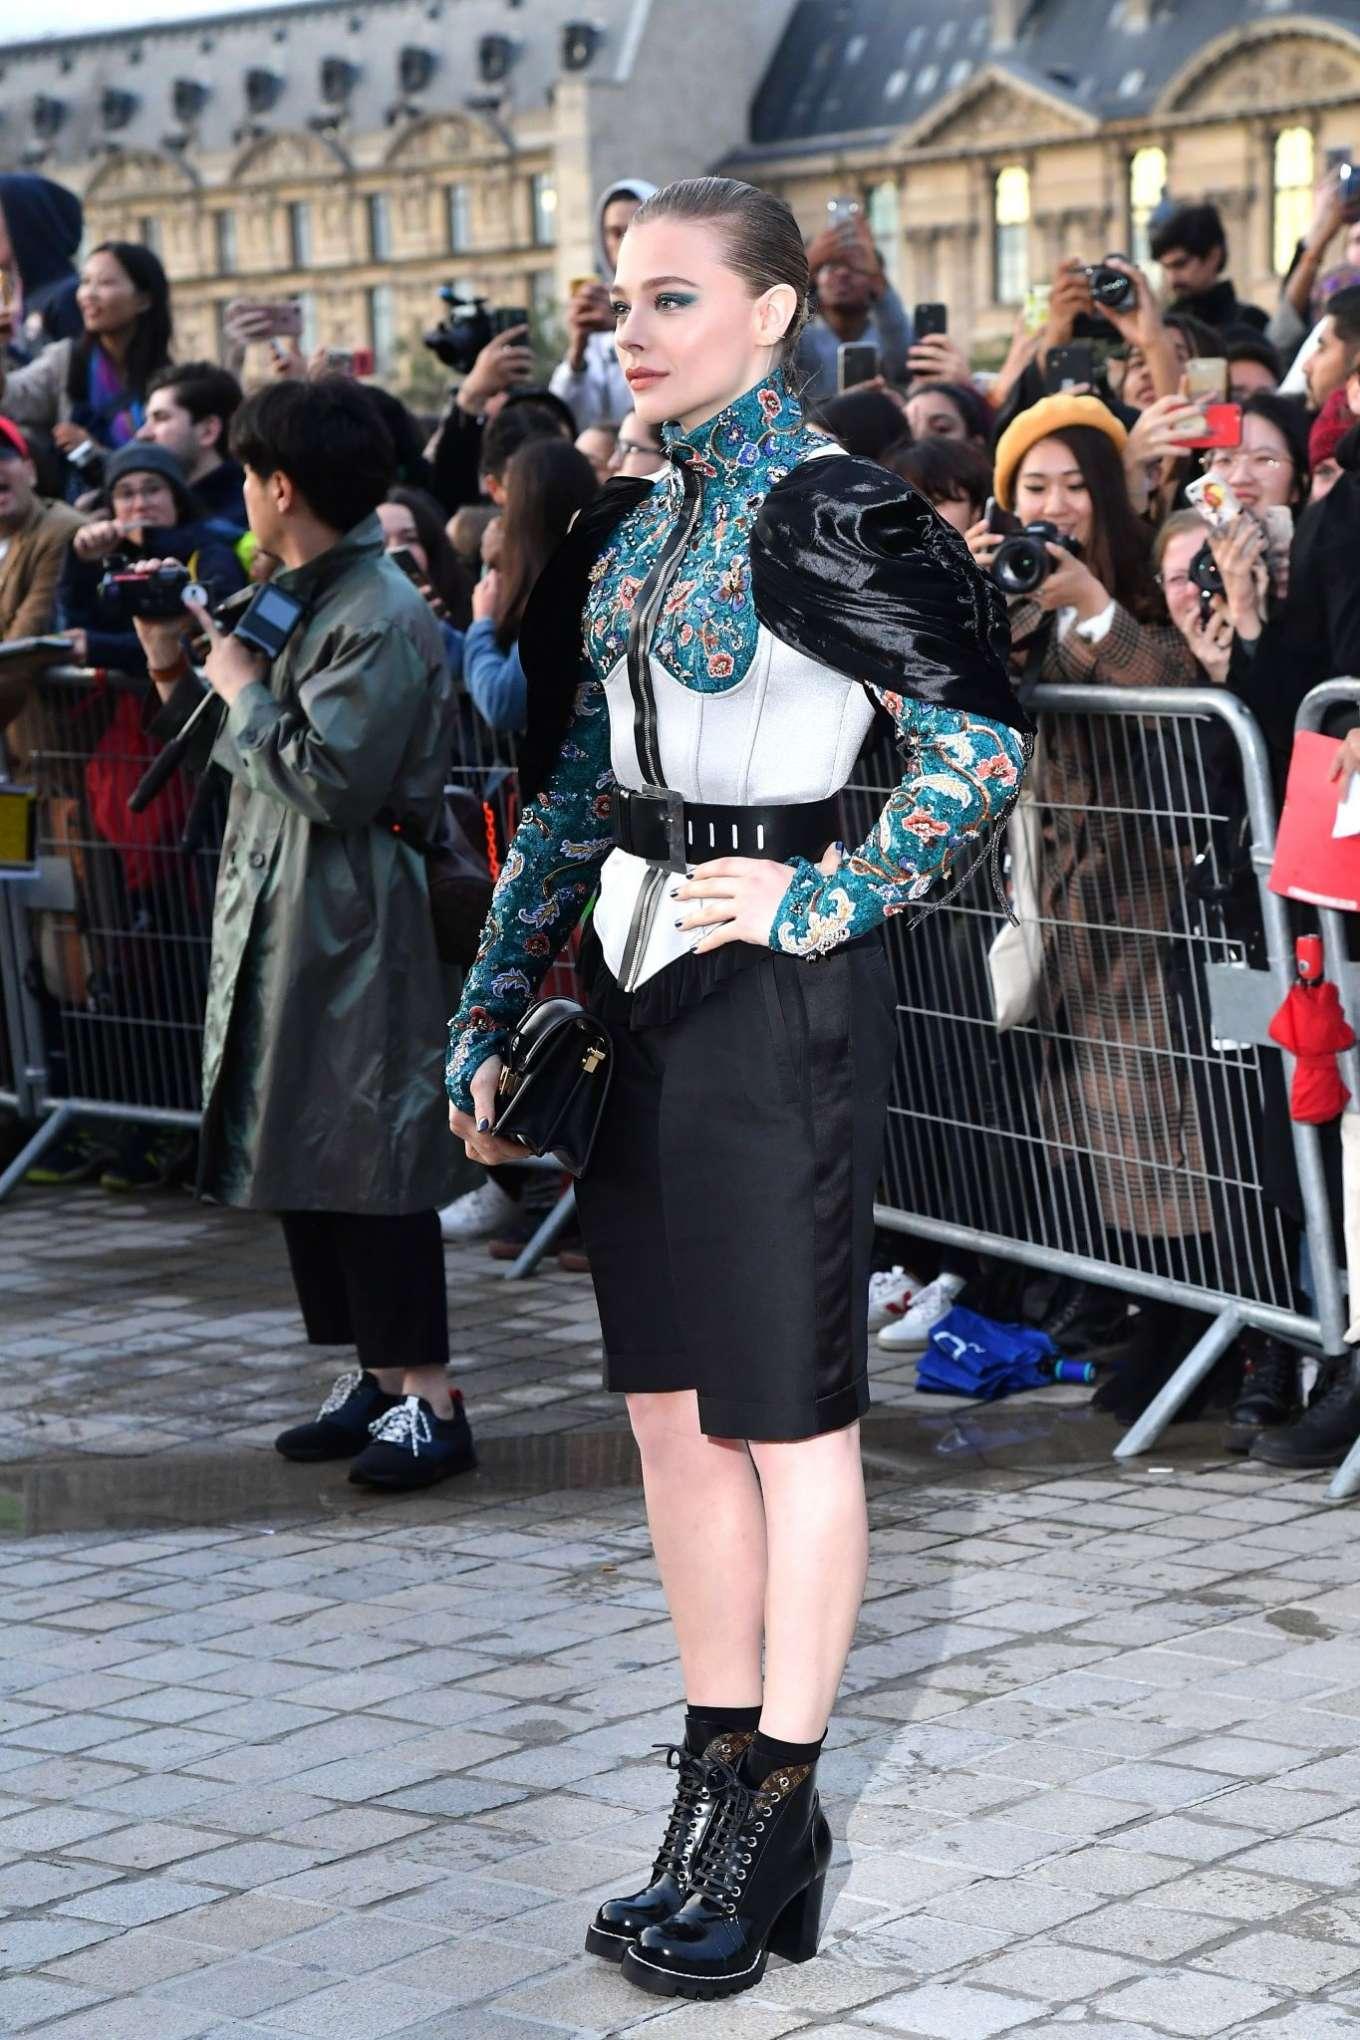 Chloe Moretz 2019 : Chloe Moretz – Arrives at Louis Vuitton SS 20020 Paris Fashion Show-07